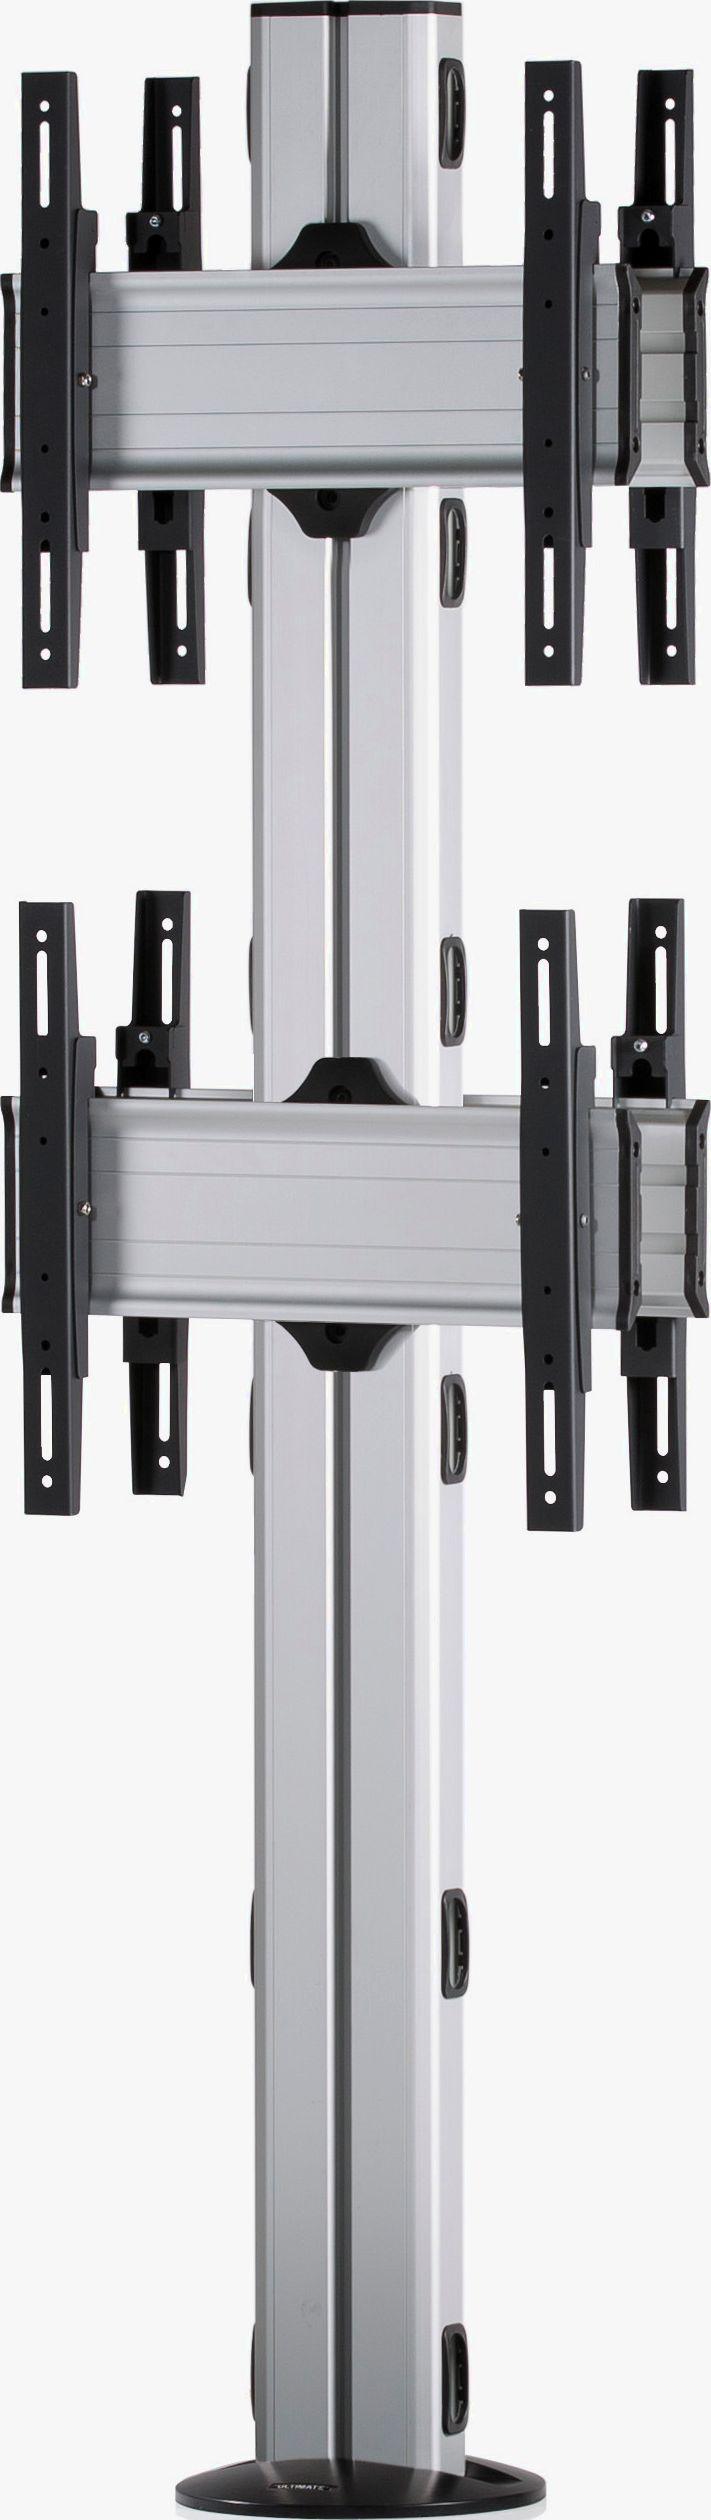 4 Displays 2×1 beidseitig, Standard-VESA, zur Bodenbefestigung